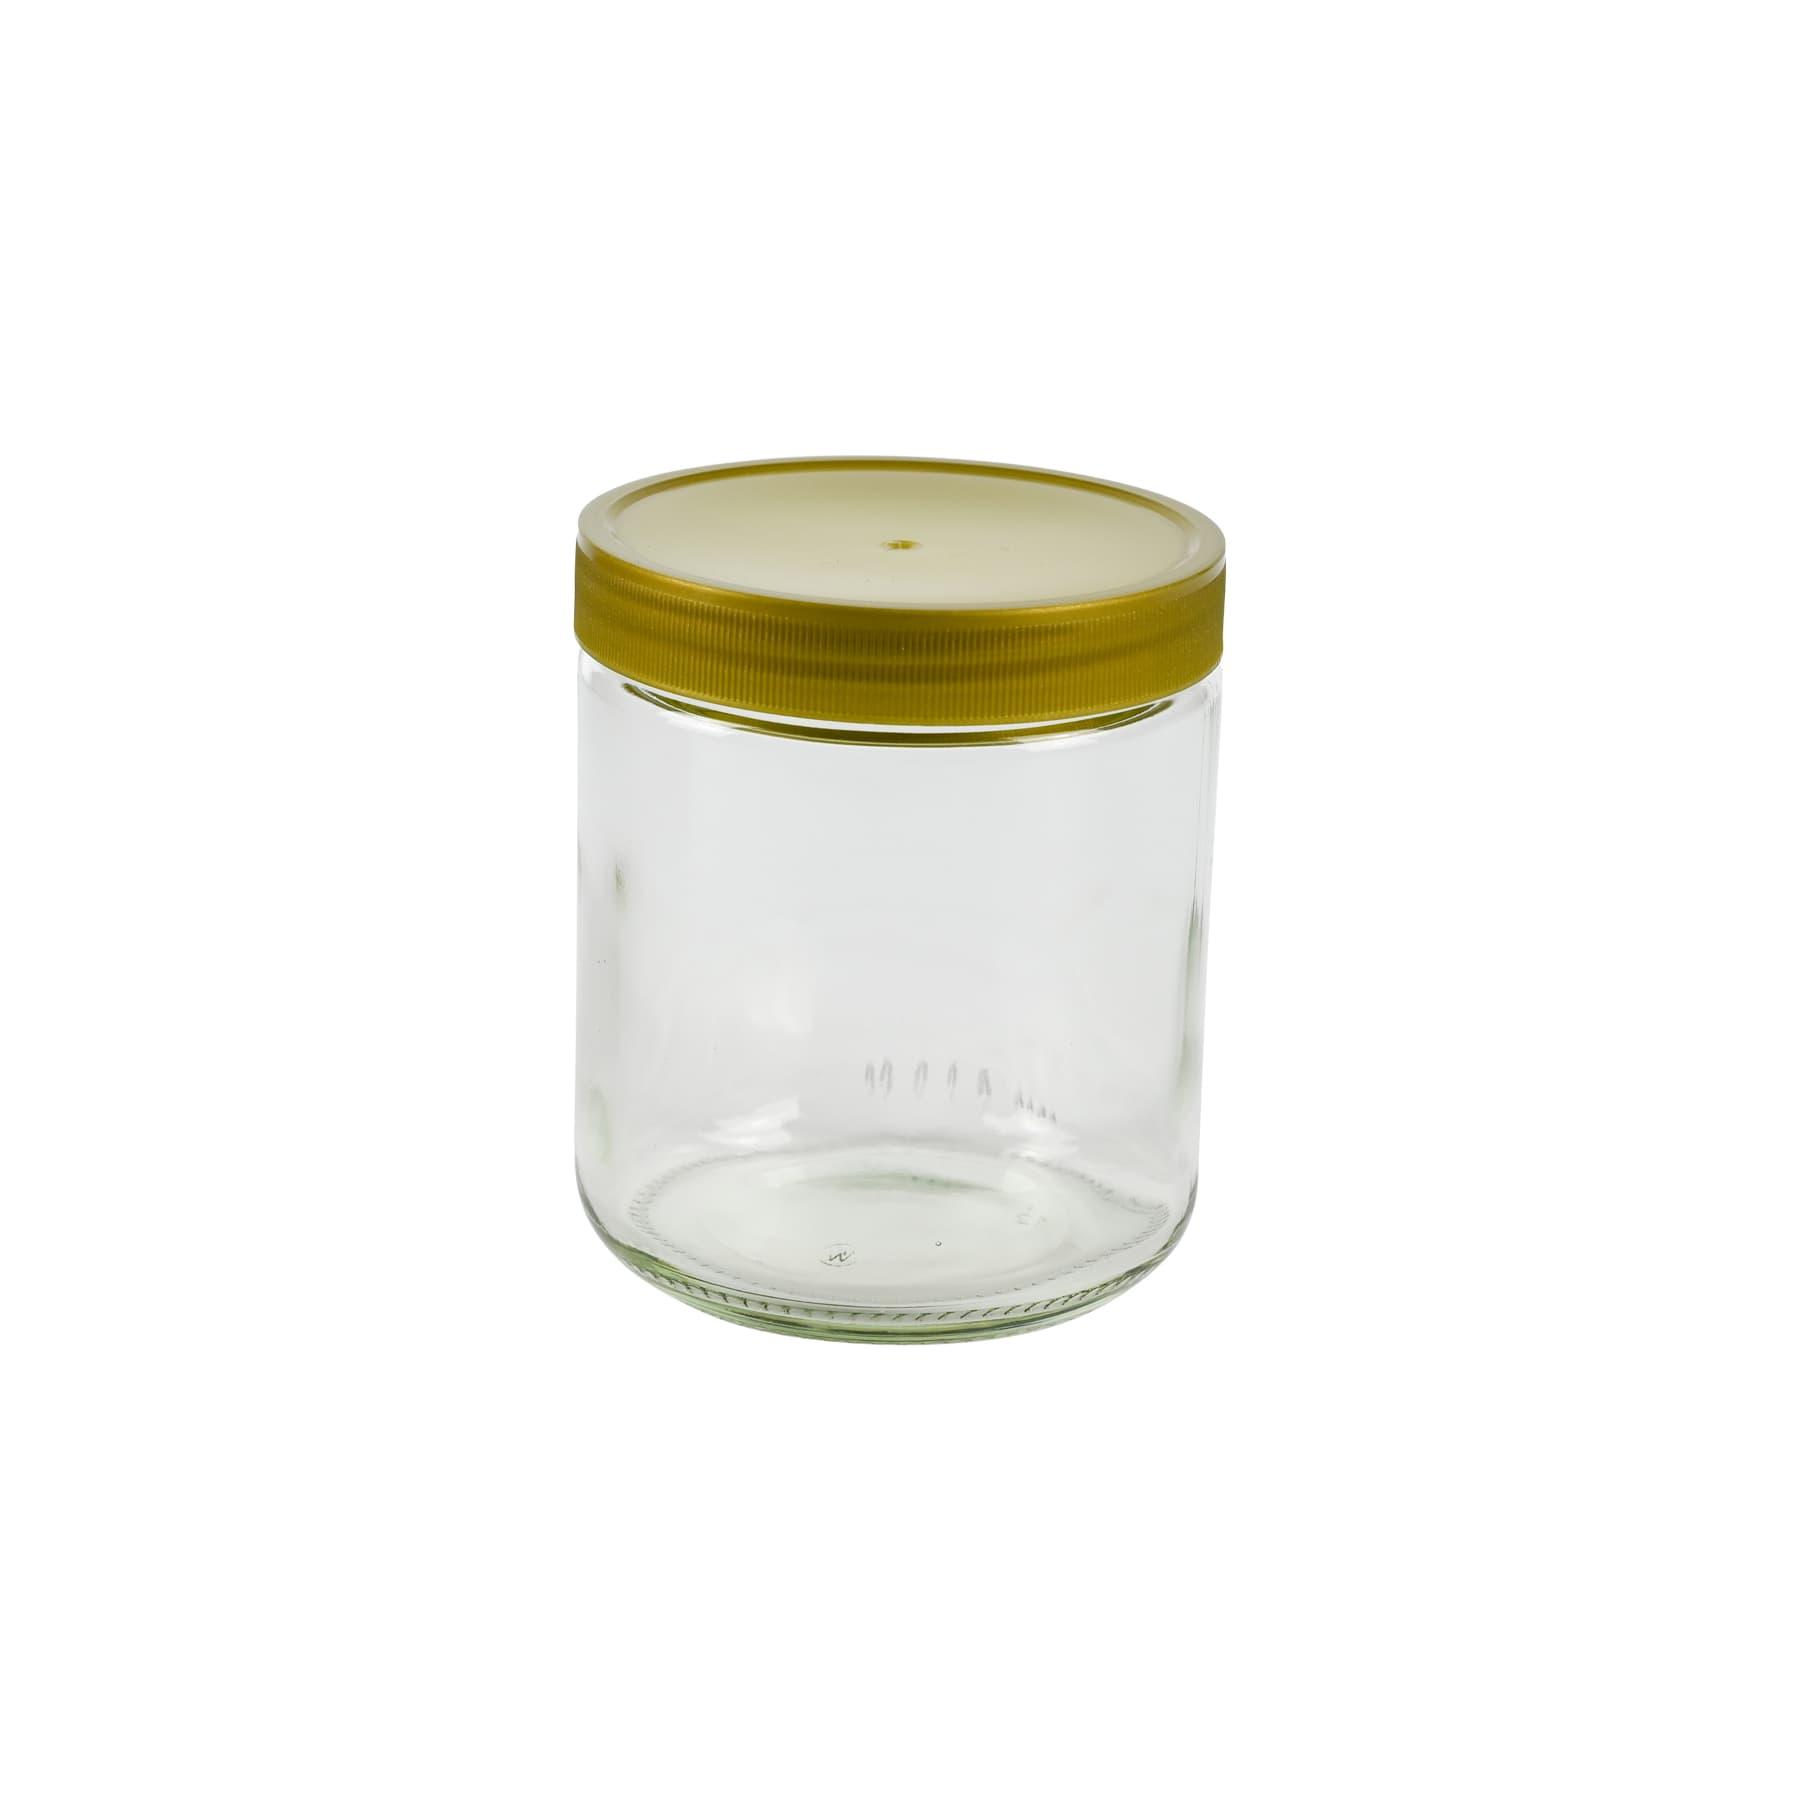 Rundglas 500 g  1 PAL(1960 Stk) mit Plastik-Schraubdeckel, lose, FREI HAUS